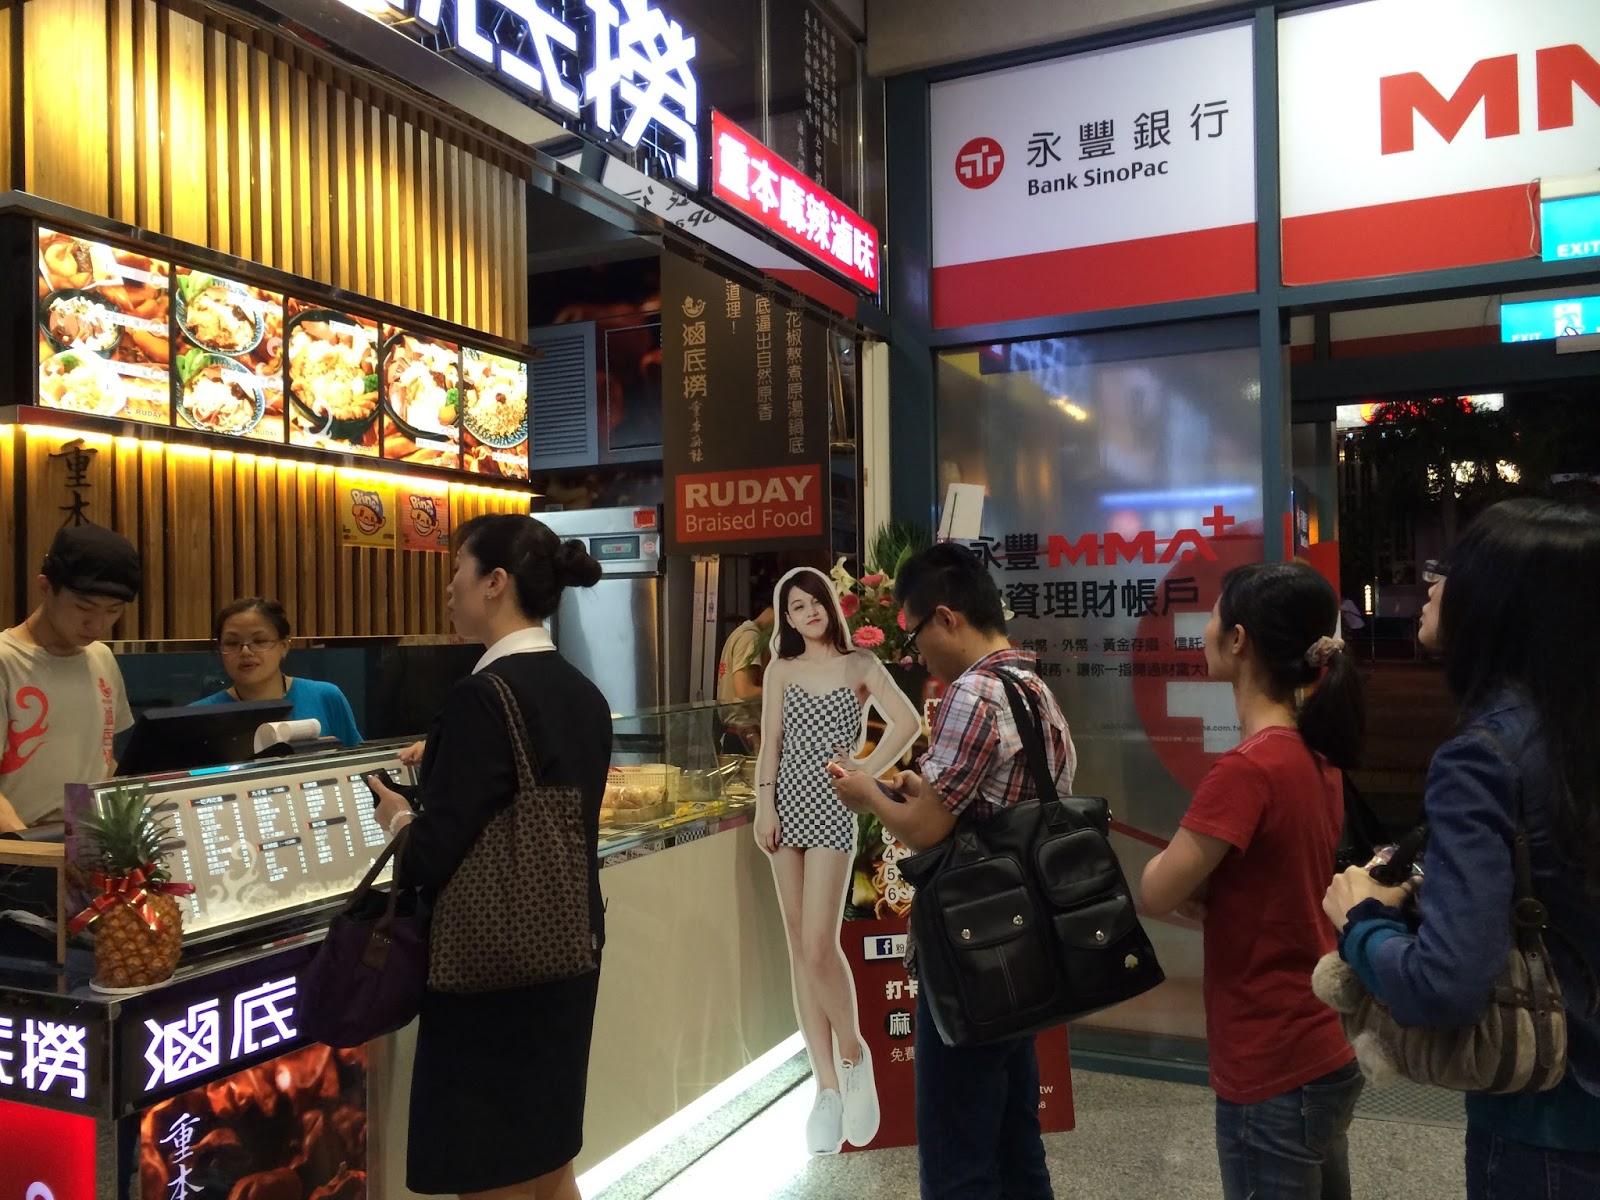 ♥台北火車站♥滷底撈~重本滷味!台北車站新誕生的美食!立刻飆升寶座(已移至三重店)♥Jennifer養雞雞美食任務